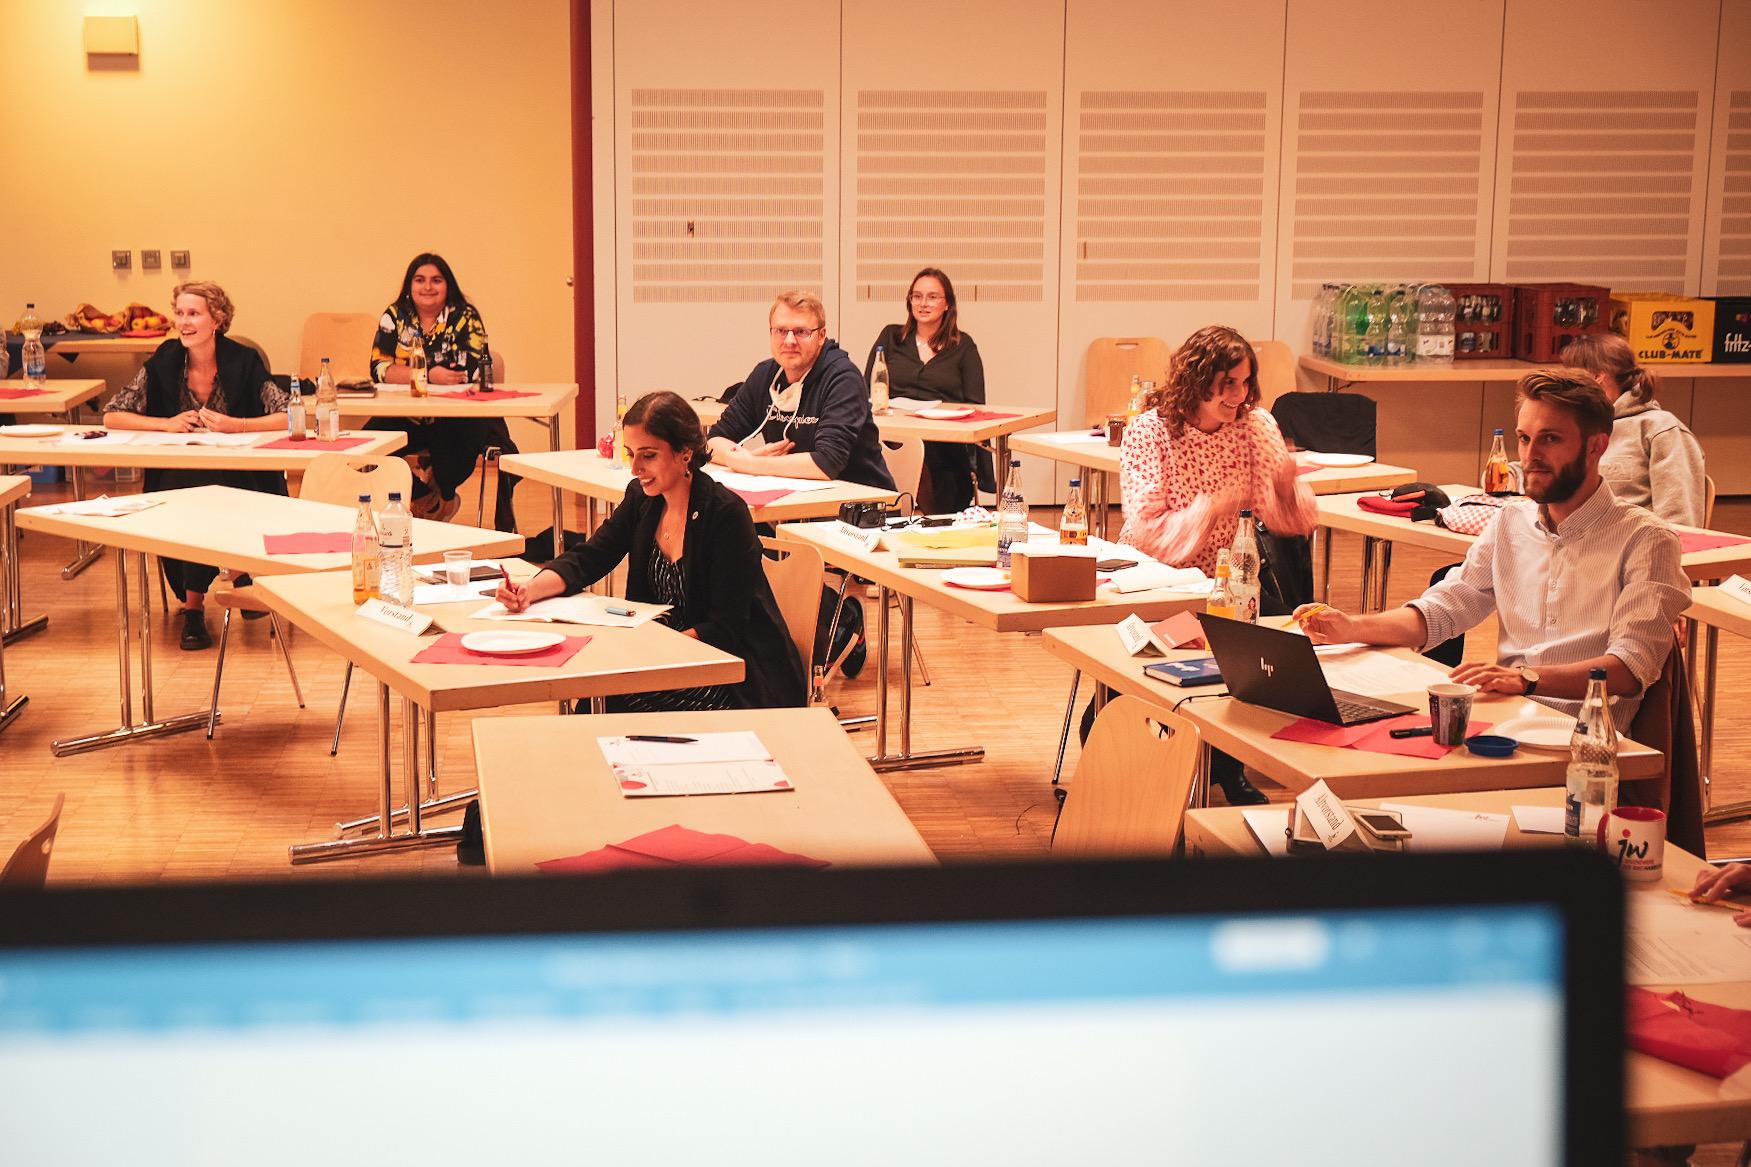 Bild von der Landeskonferenz. Mitglieder des Landesjugendwerks Hamburg sitzen konzentriert an Tischen.